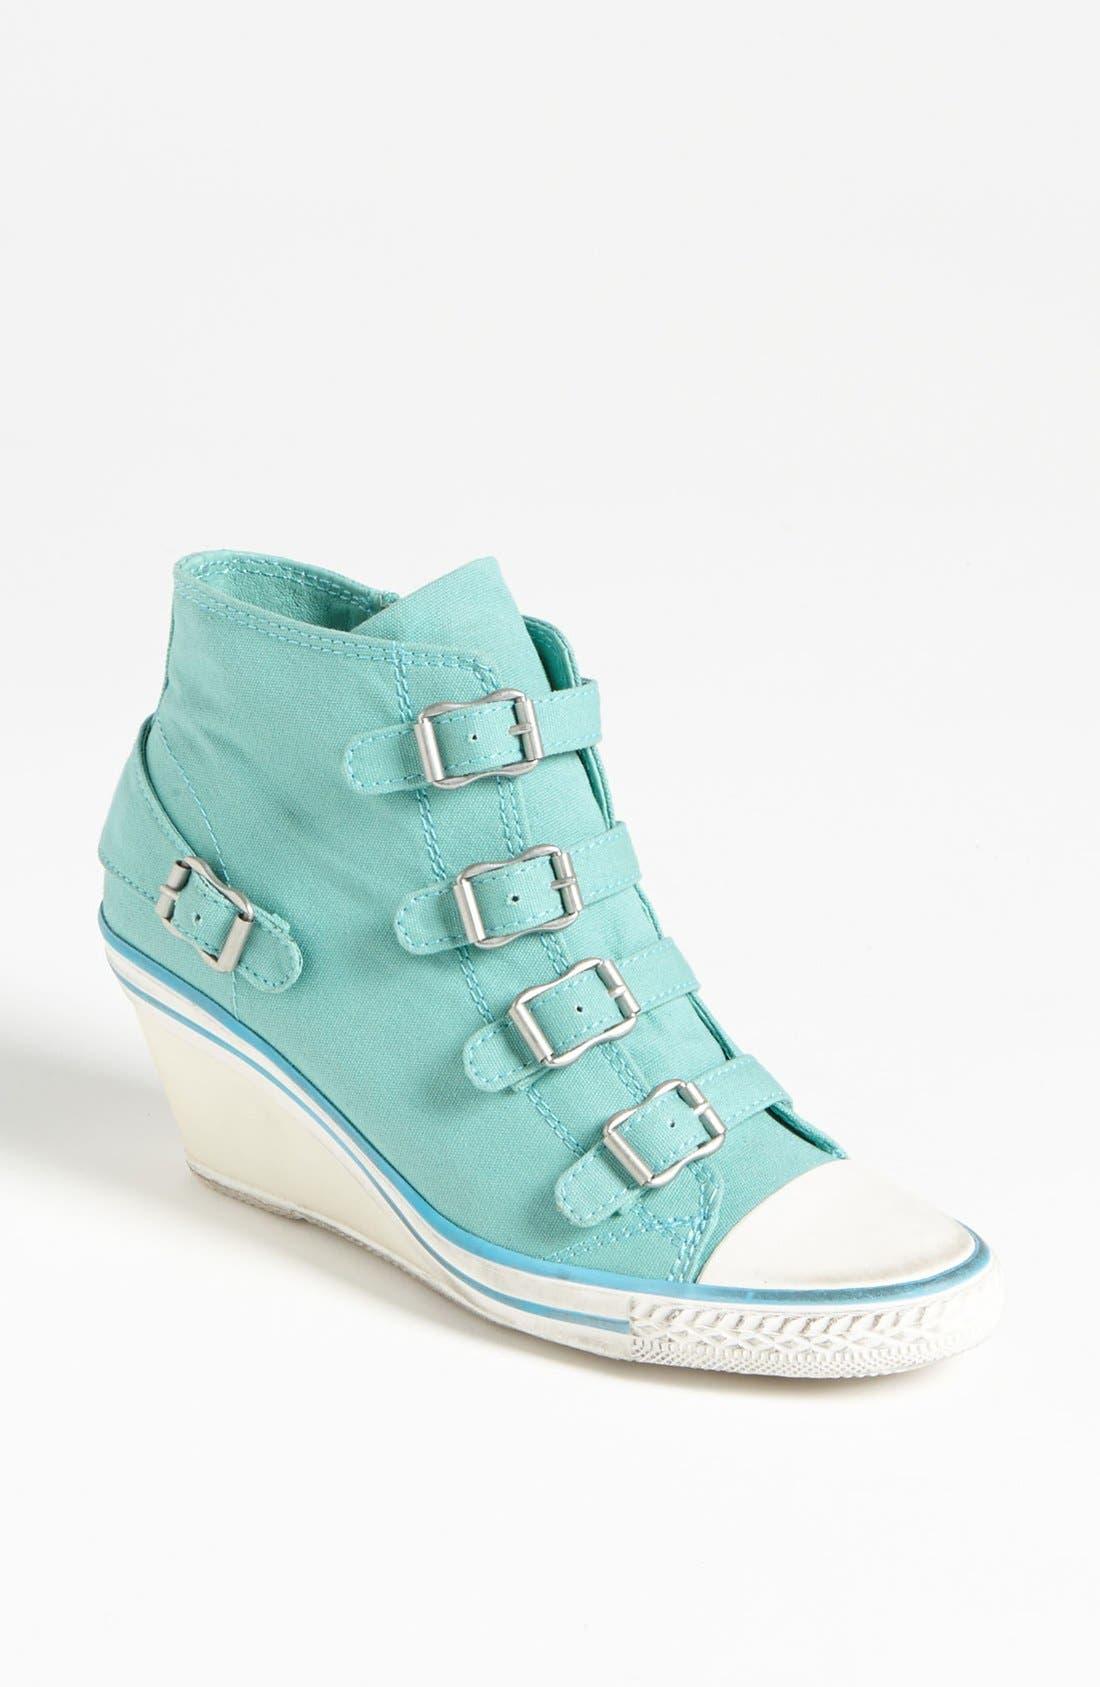 Main Image - Ash 'Genial Bis' Wedge Sneaker